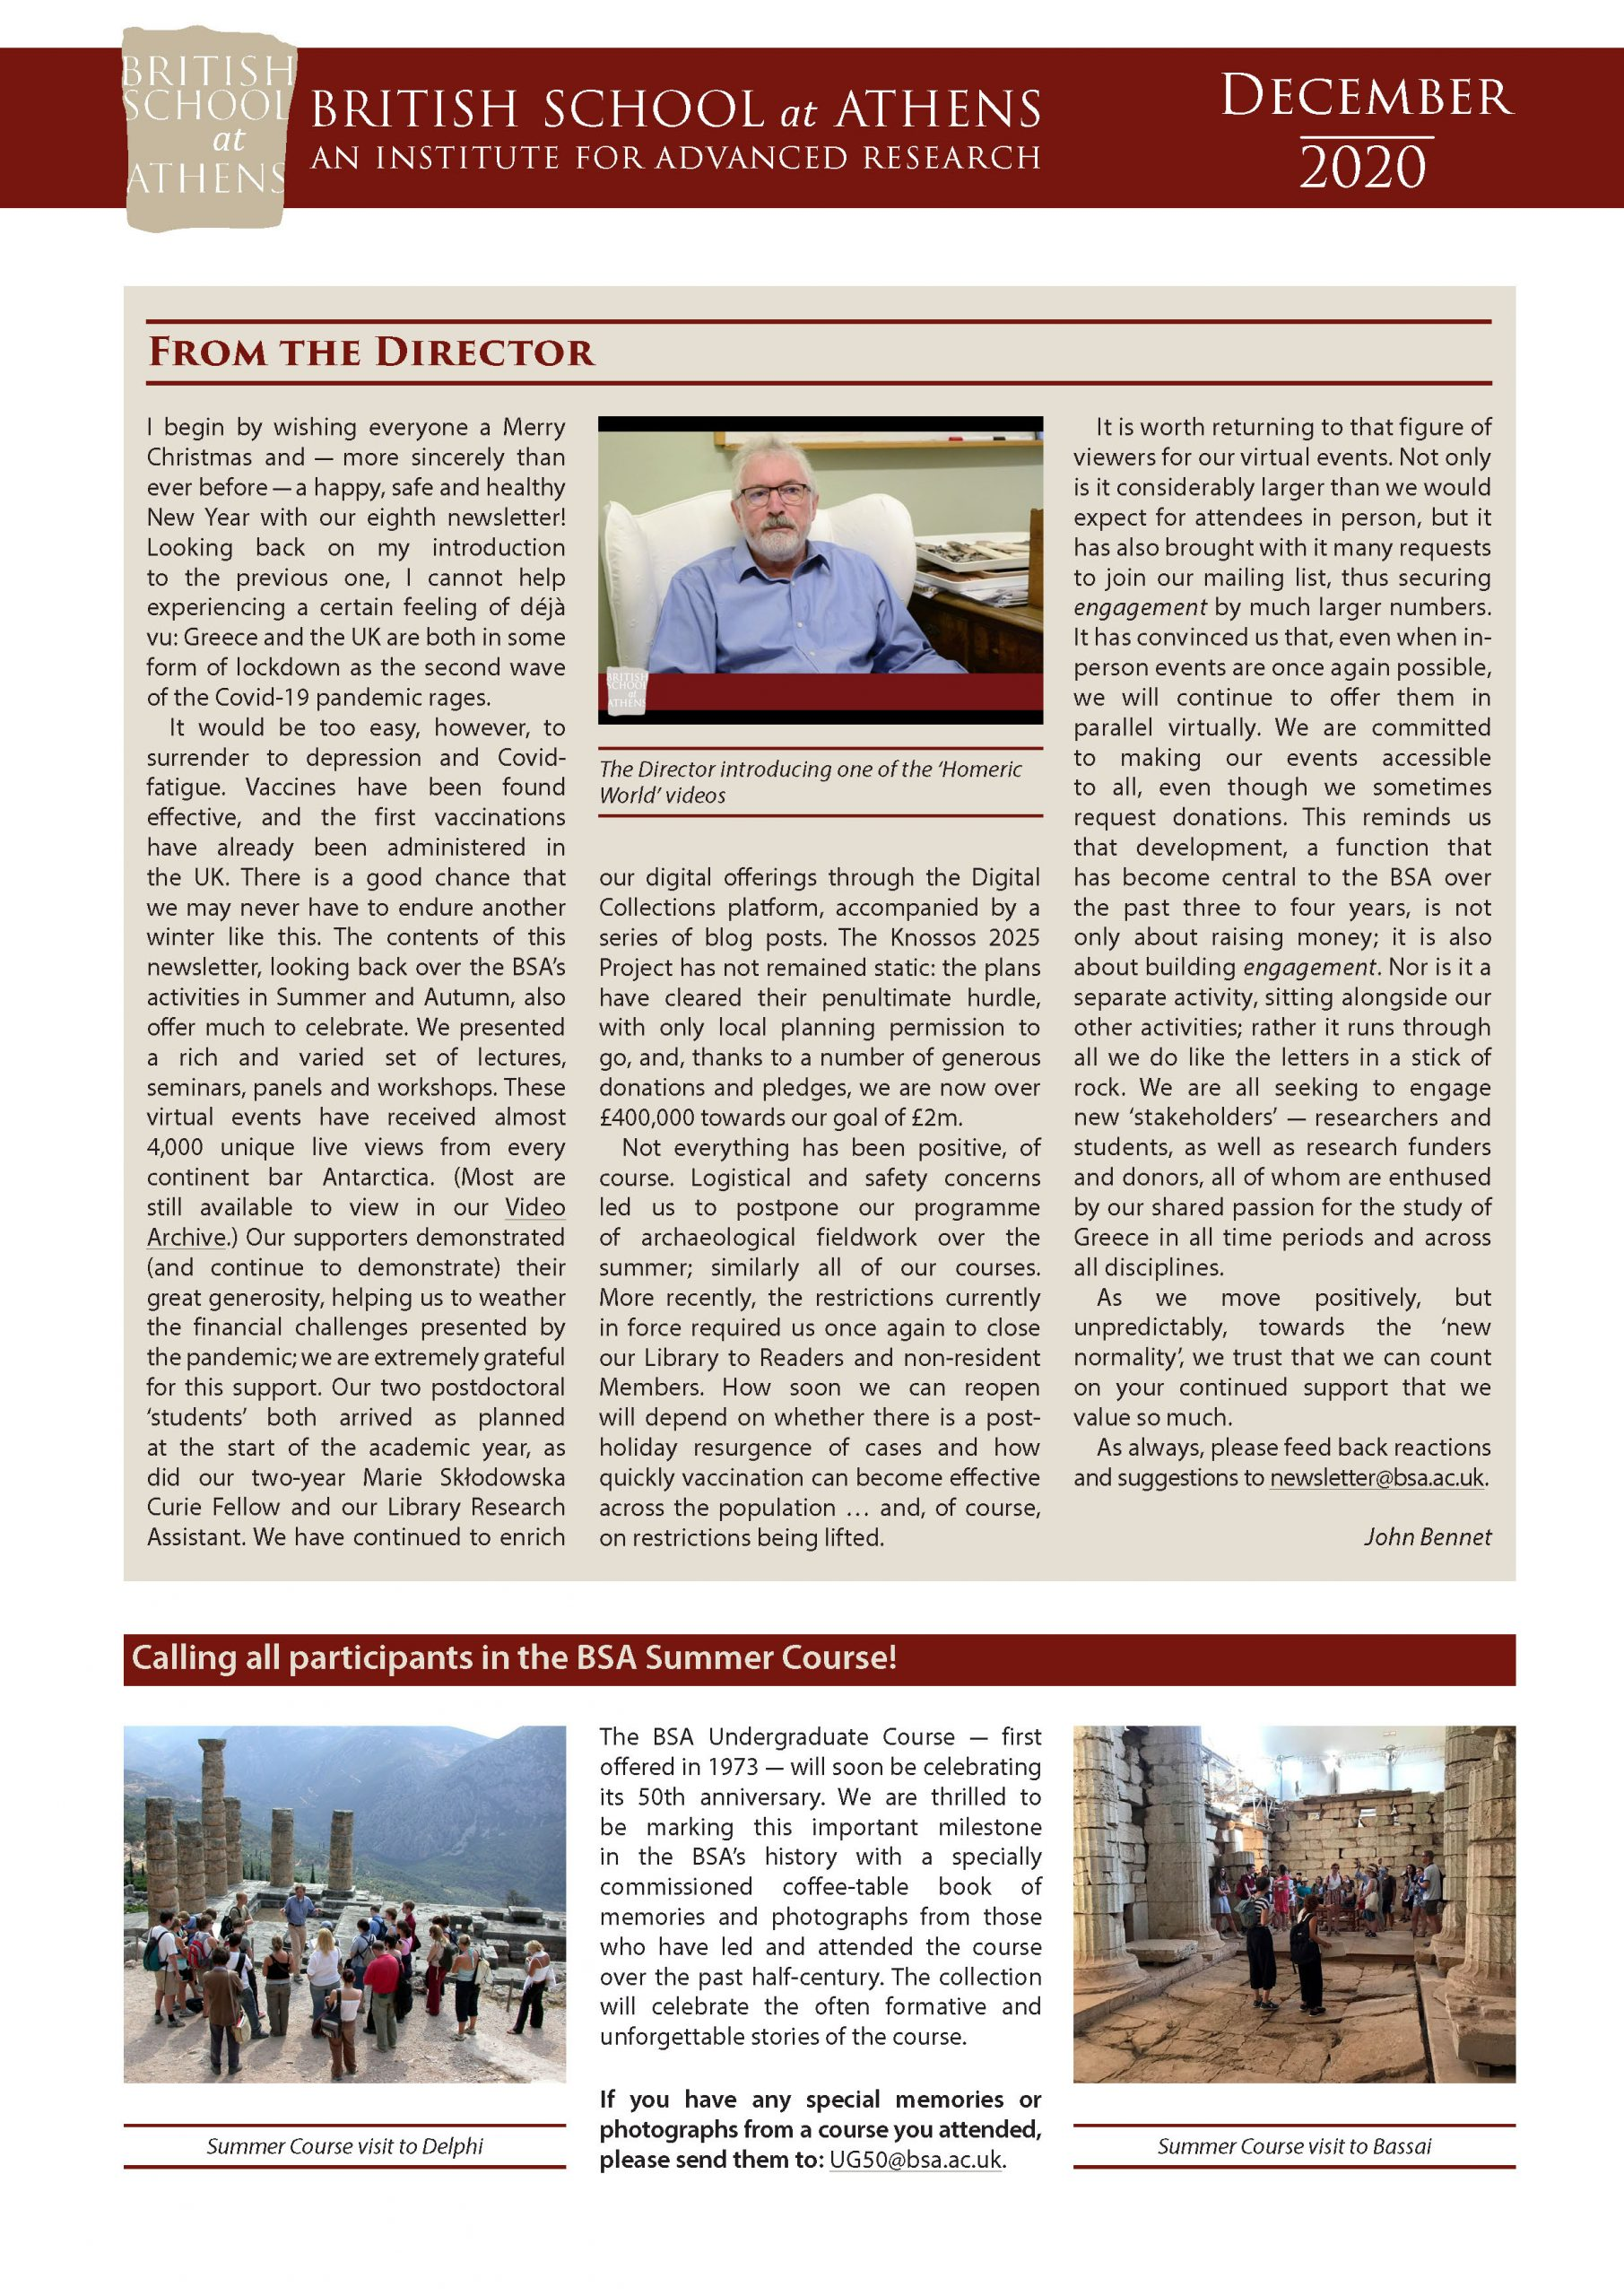 BSA December 2020 Newsletter front matter